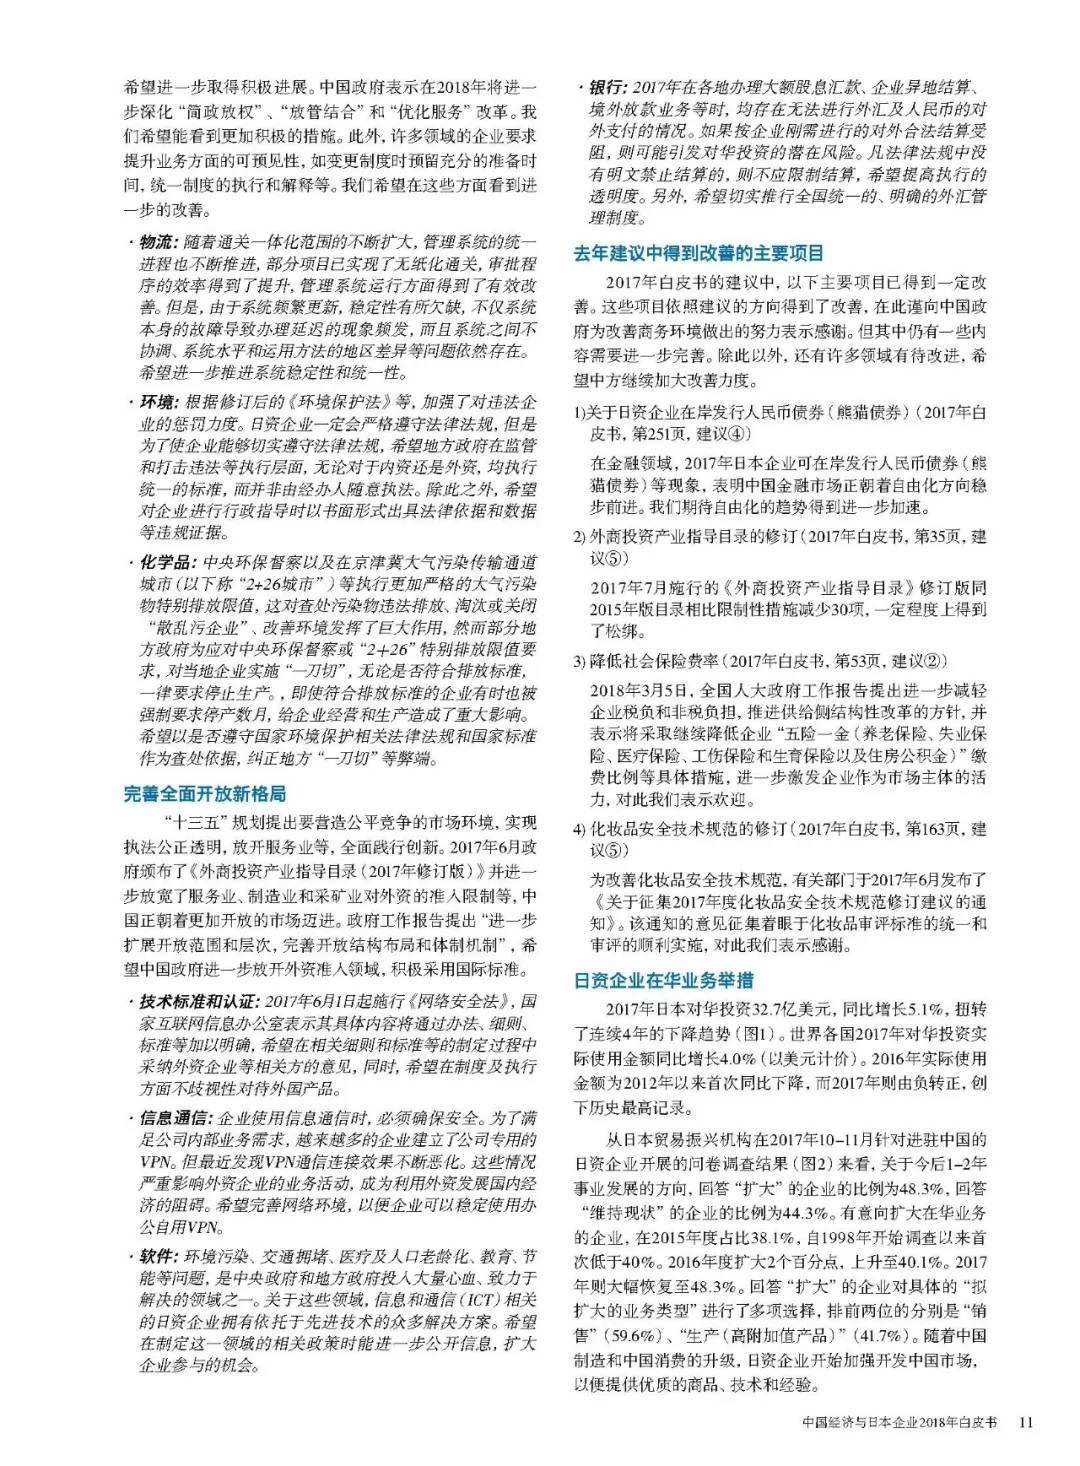 《日本企业2018年白皮书》& 《日本制造业白皮书(2018)》